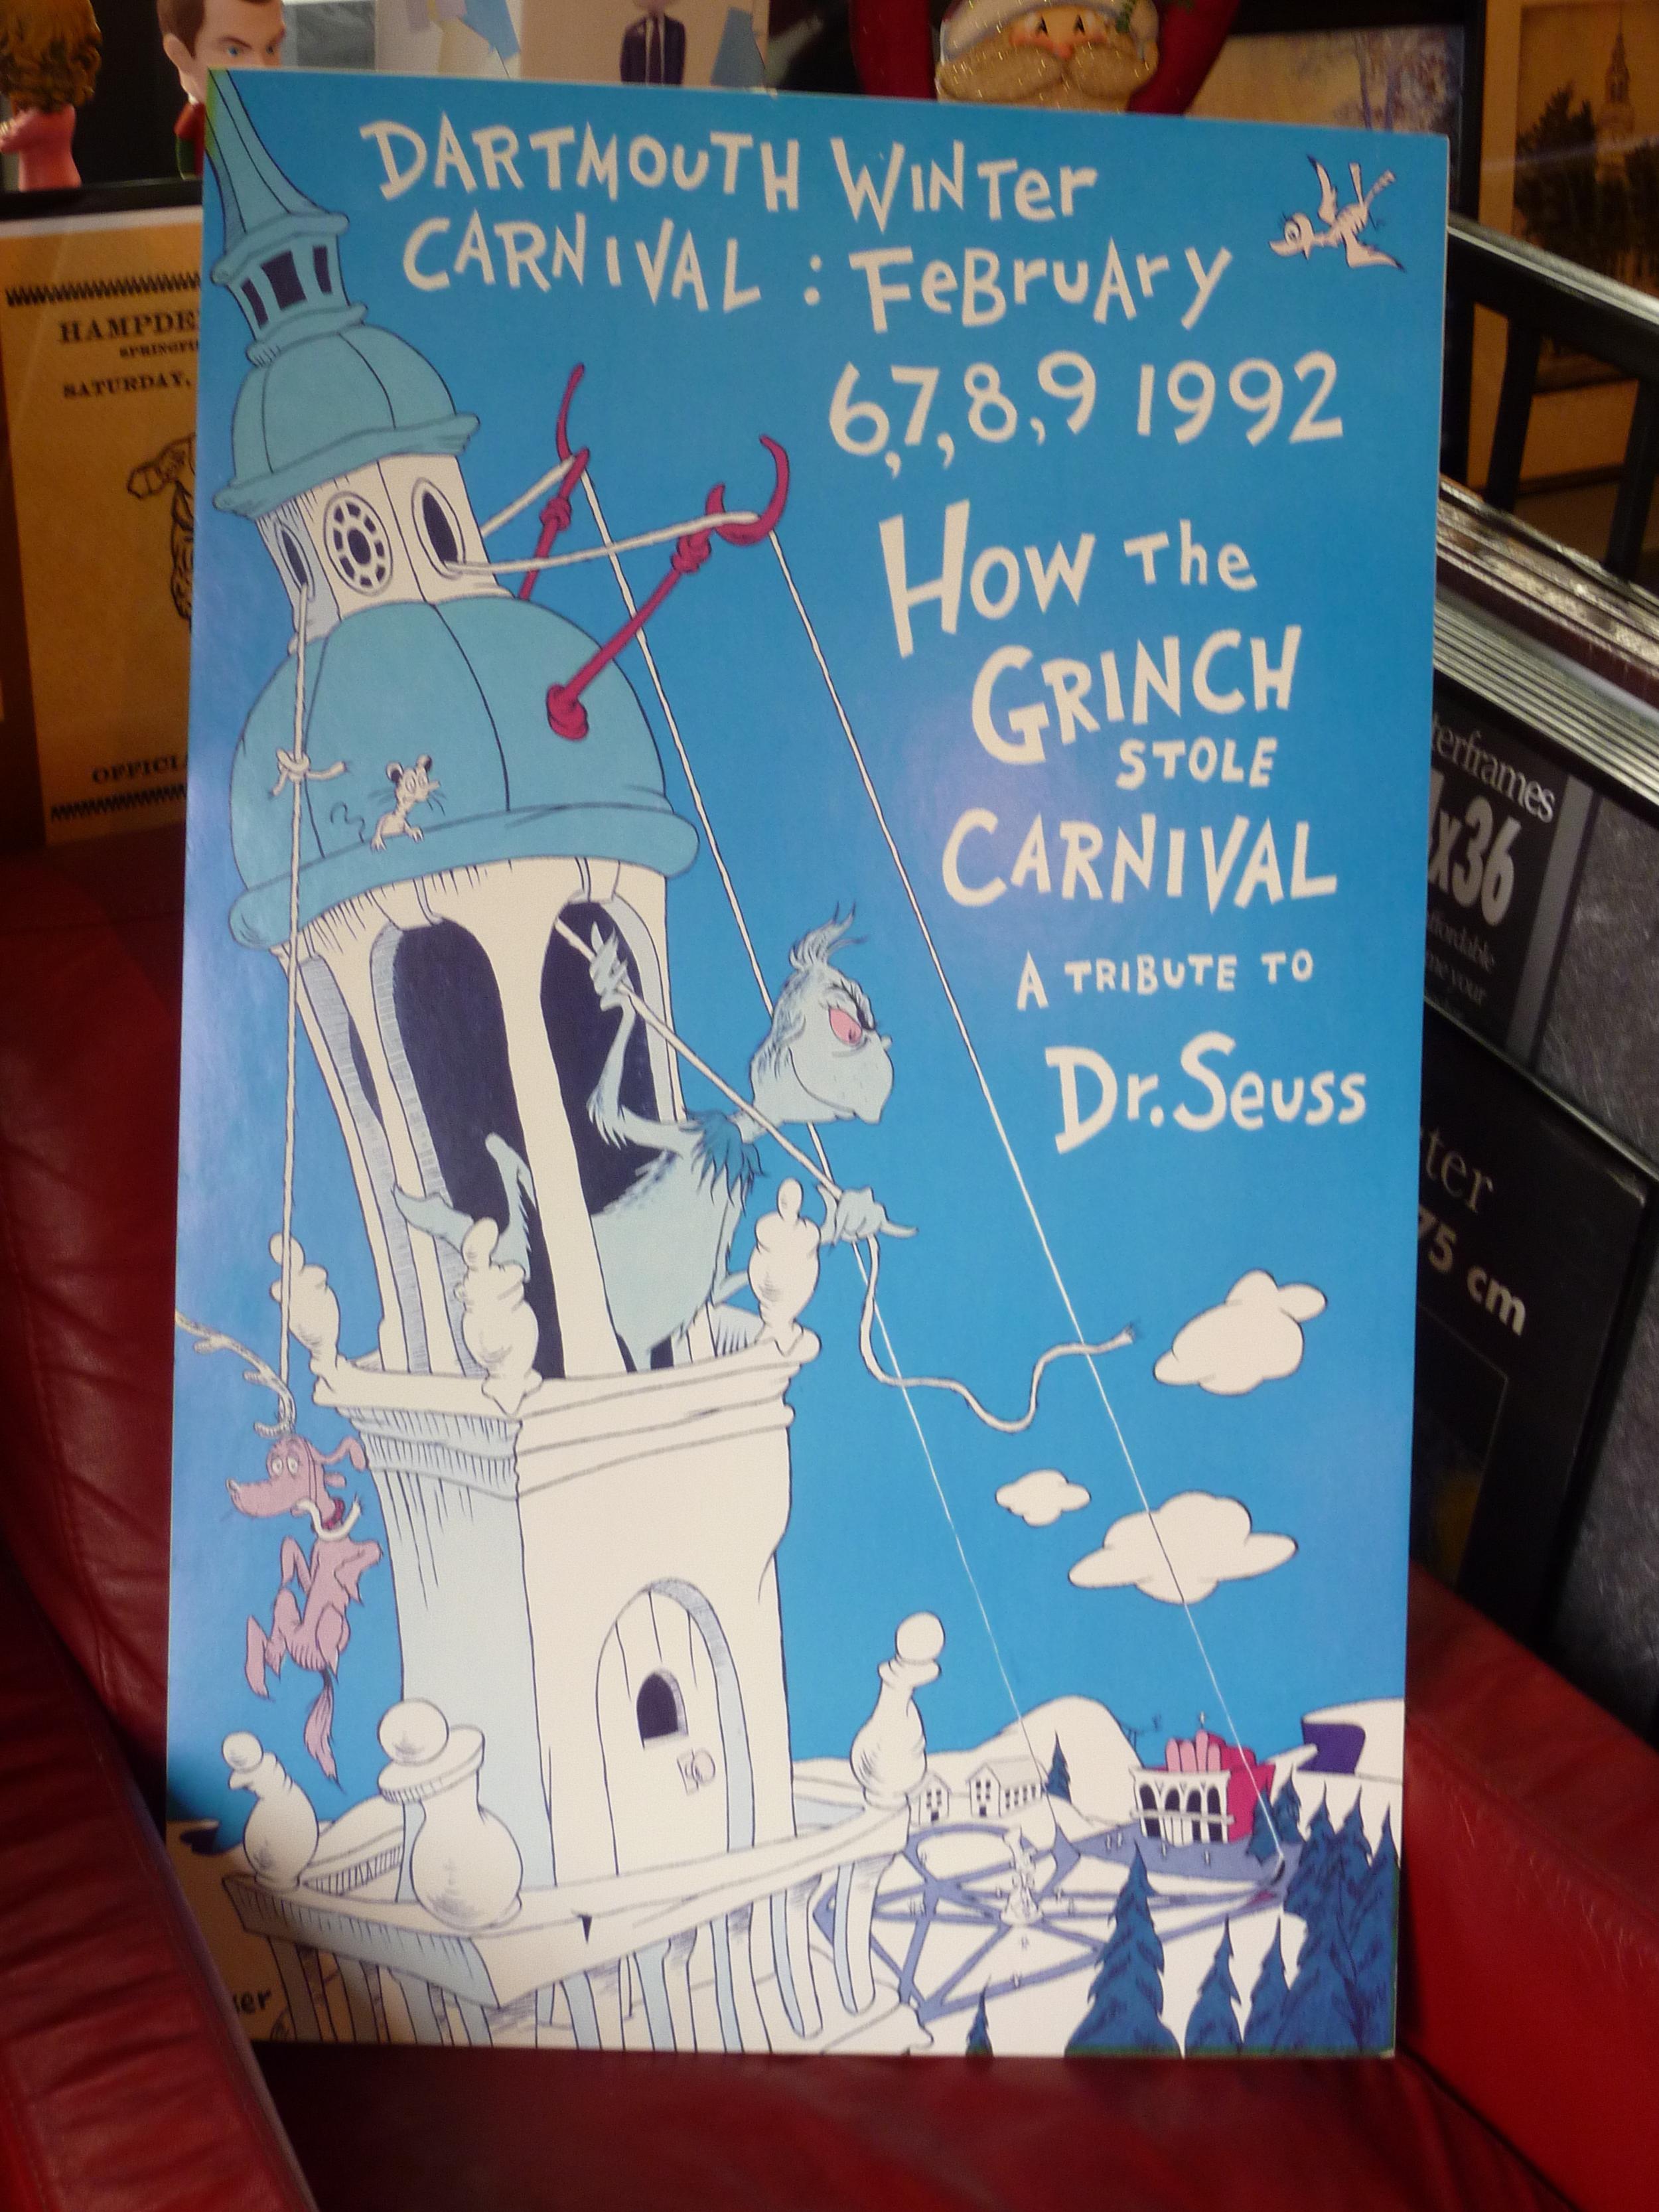 Dartmouth Winter Carnival 1992